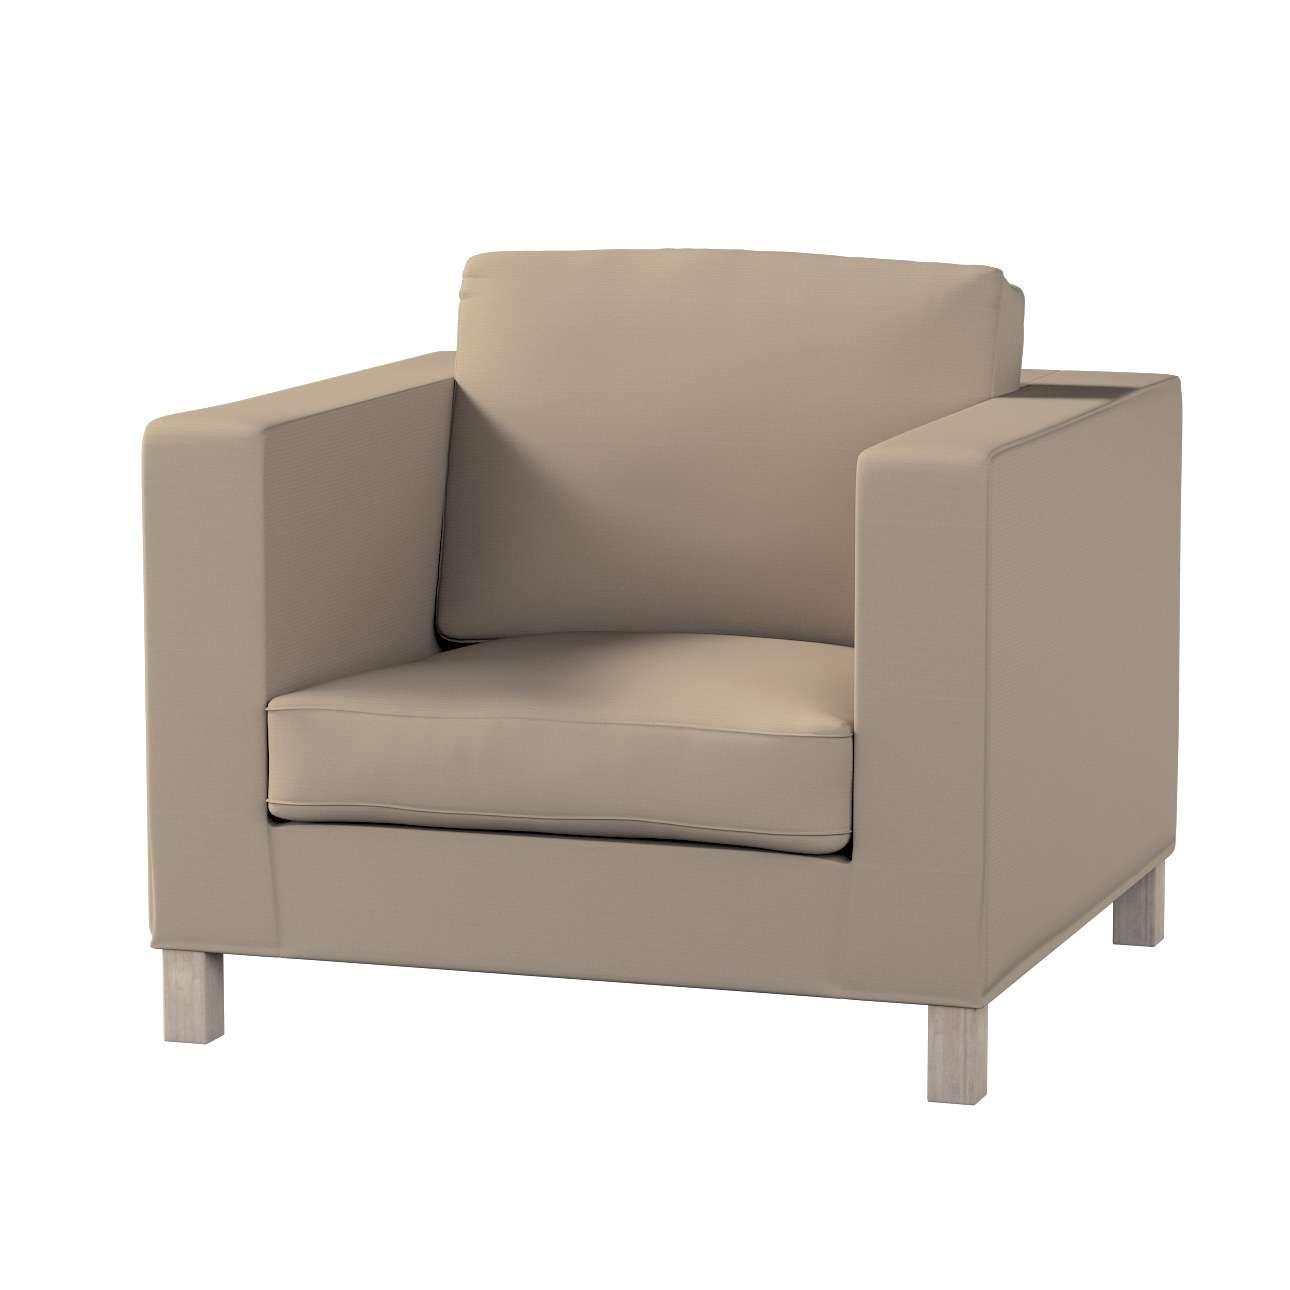 KARLANDA fotelio užvalkalas KARLANDA fotelio užvalkalas kolekcijoje Cotton Panama, audinys: 702-28